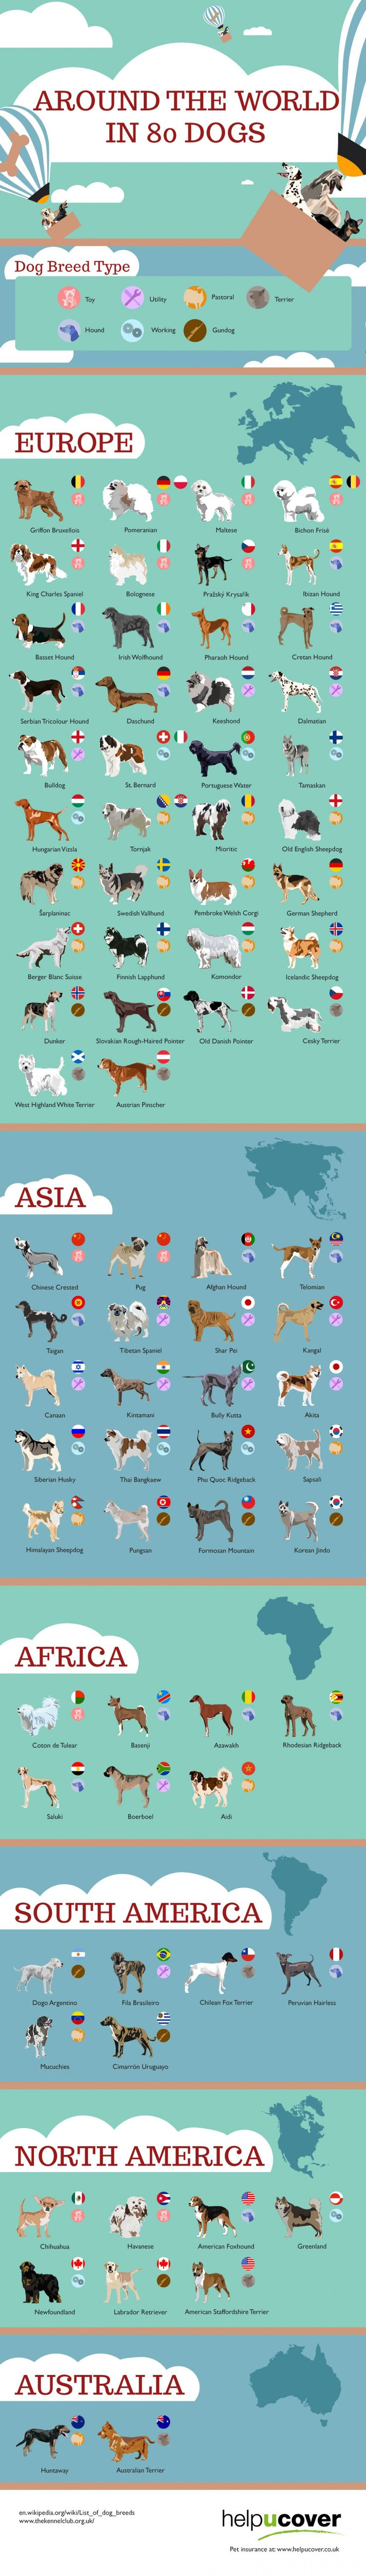 La vuelta al mundo en 80 razas de perros